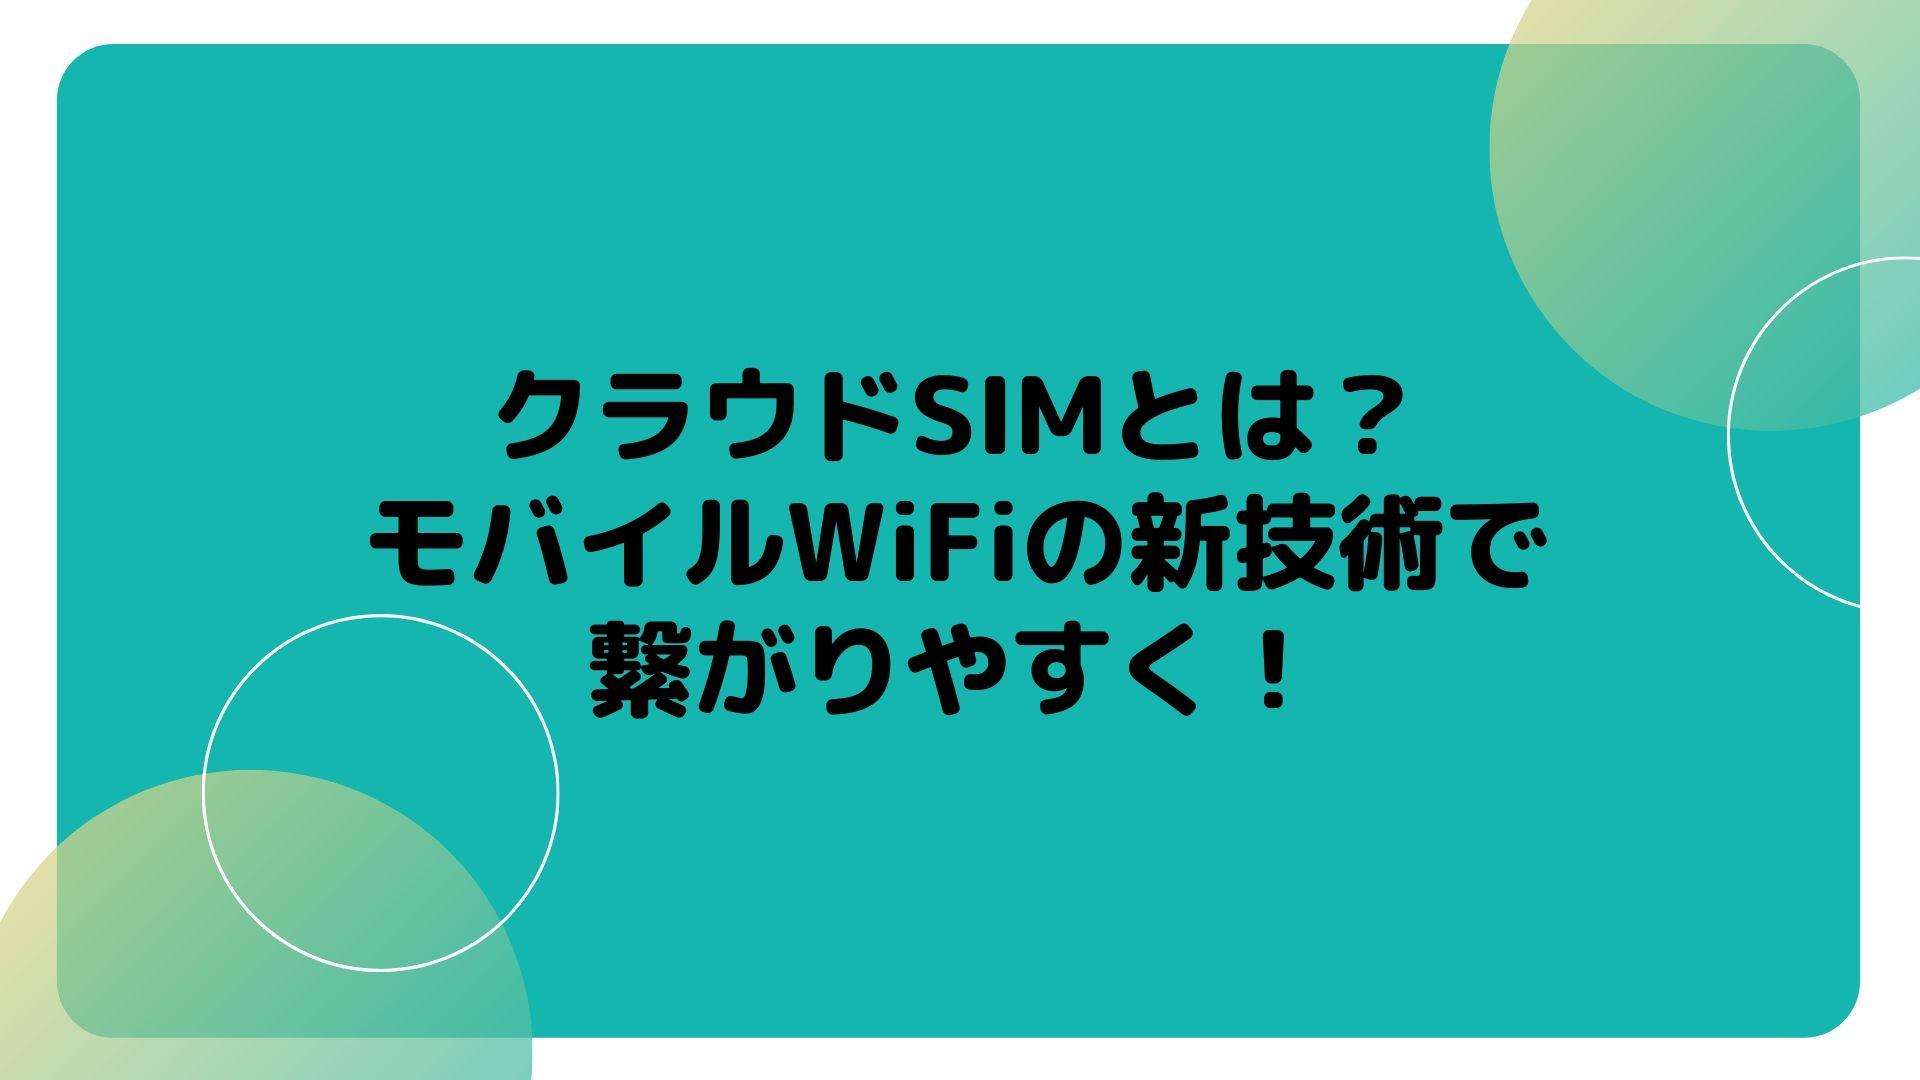 クラウドSIMとは?モバイルWiFiの新技術で繋がりやすく!